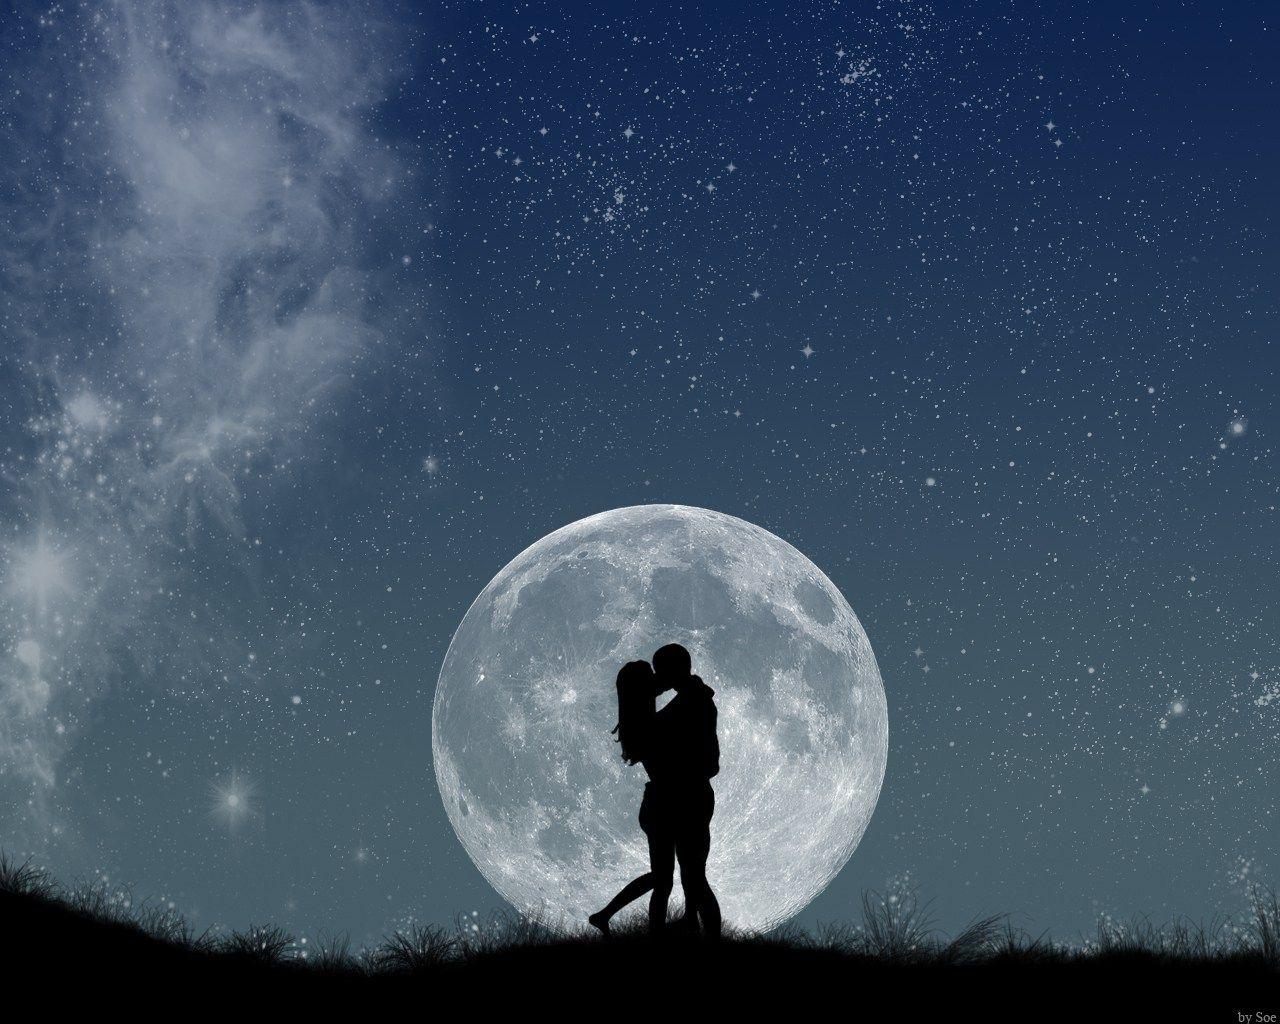 A lua lhe trouxe um presente